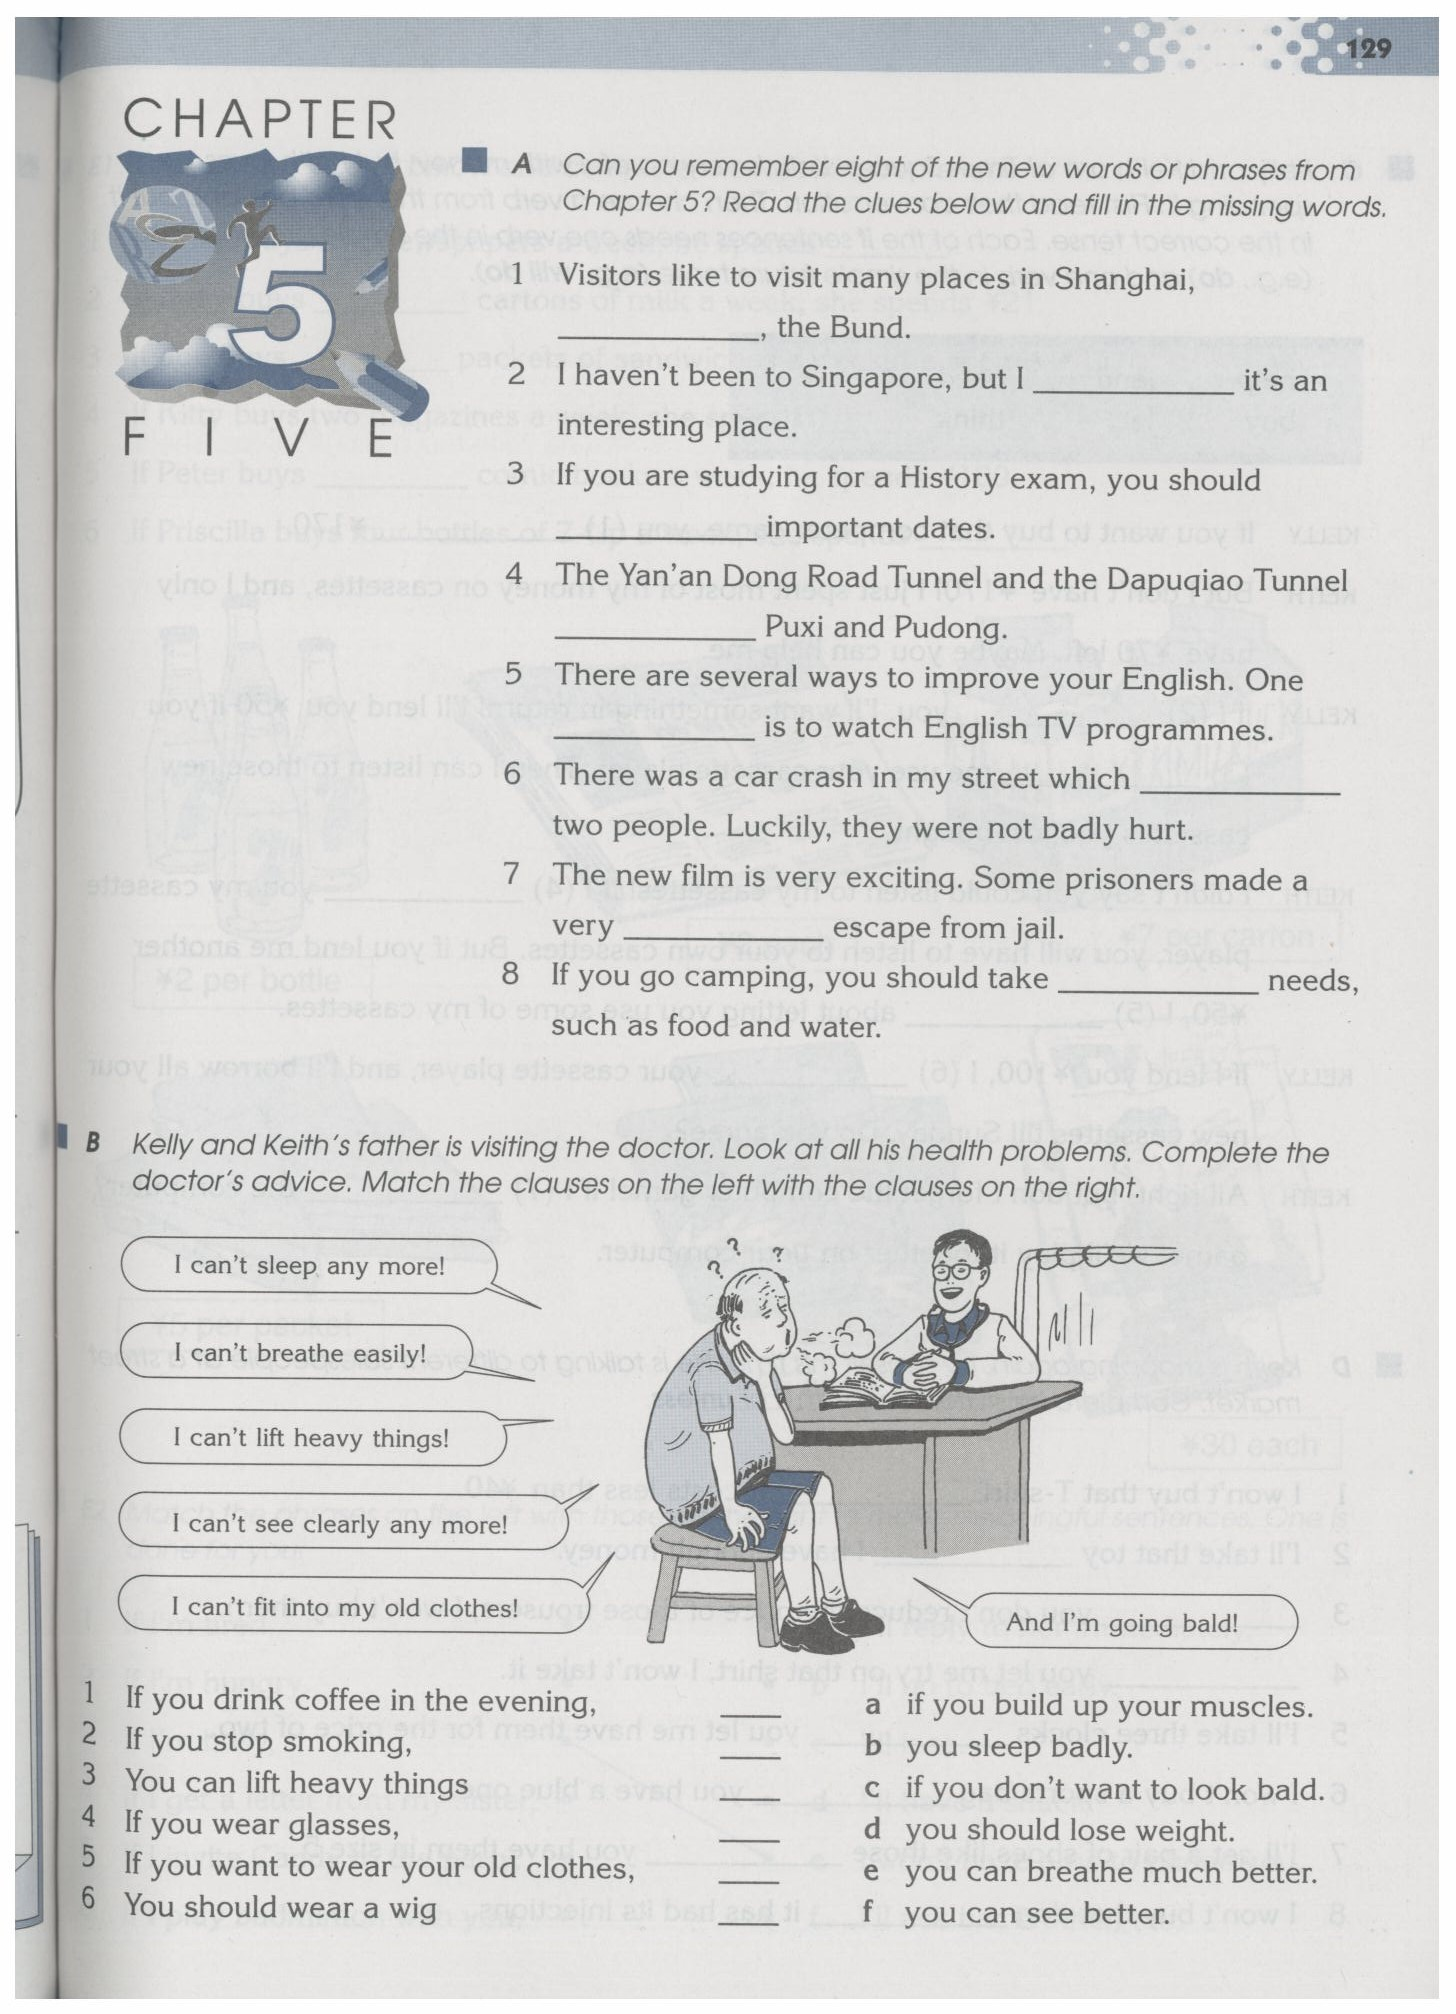 沈阳版牛津英语9A教材Chapter5-Work Book